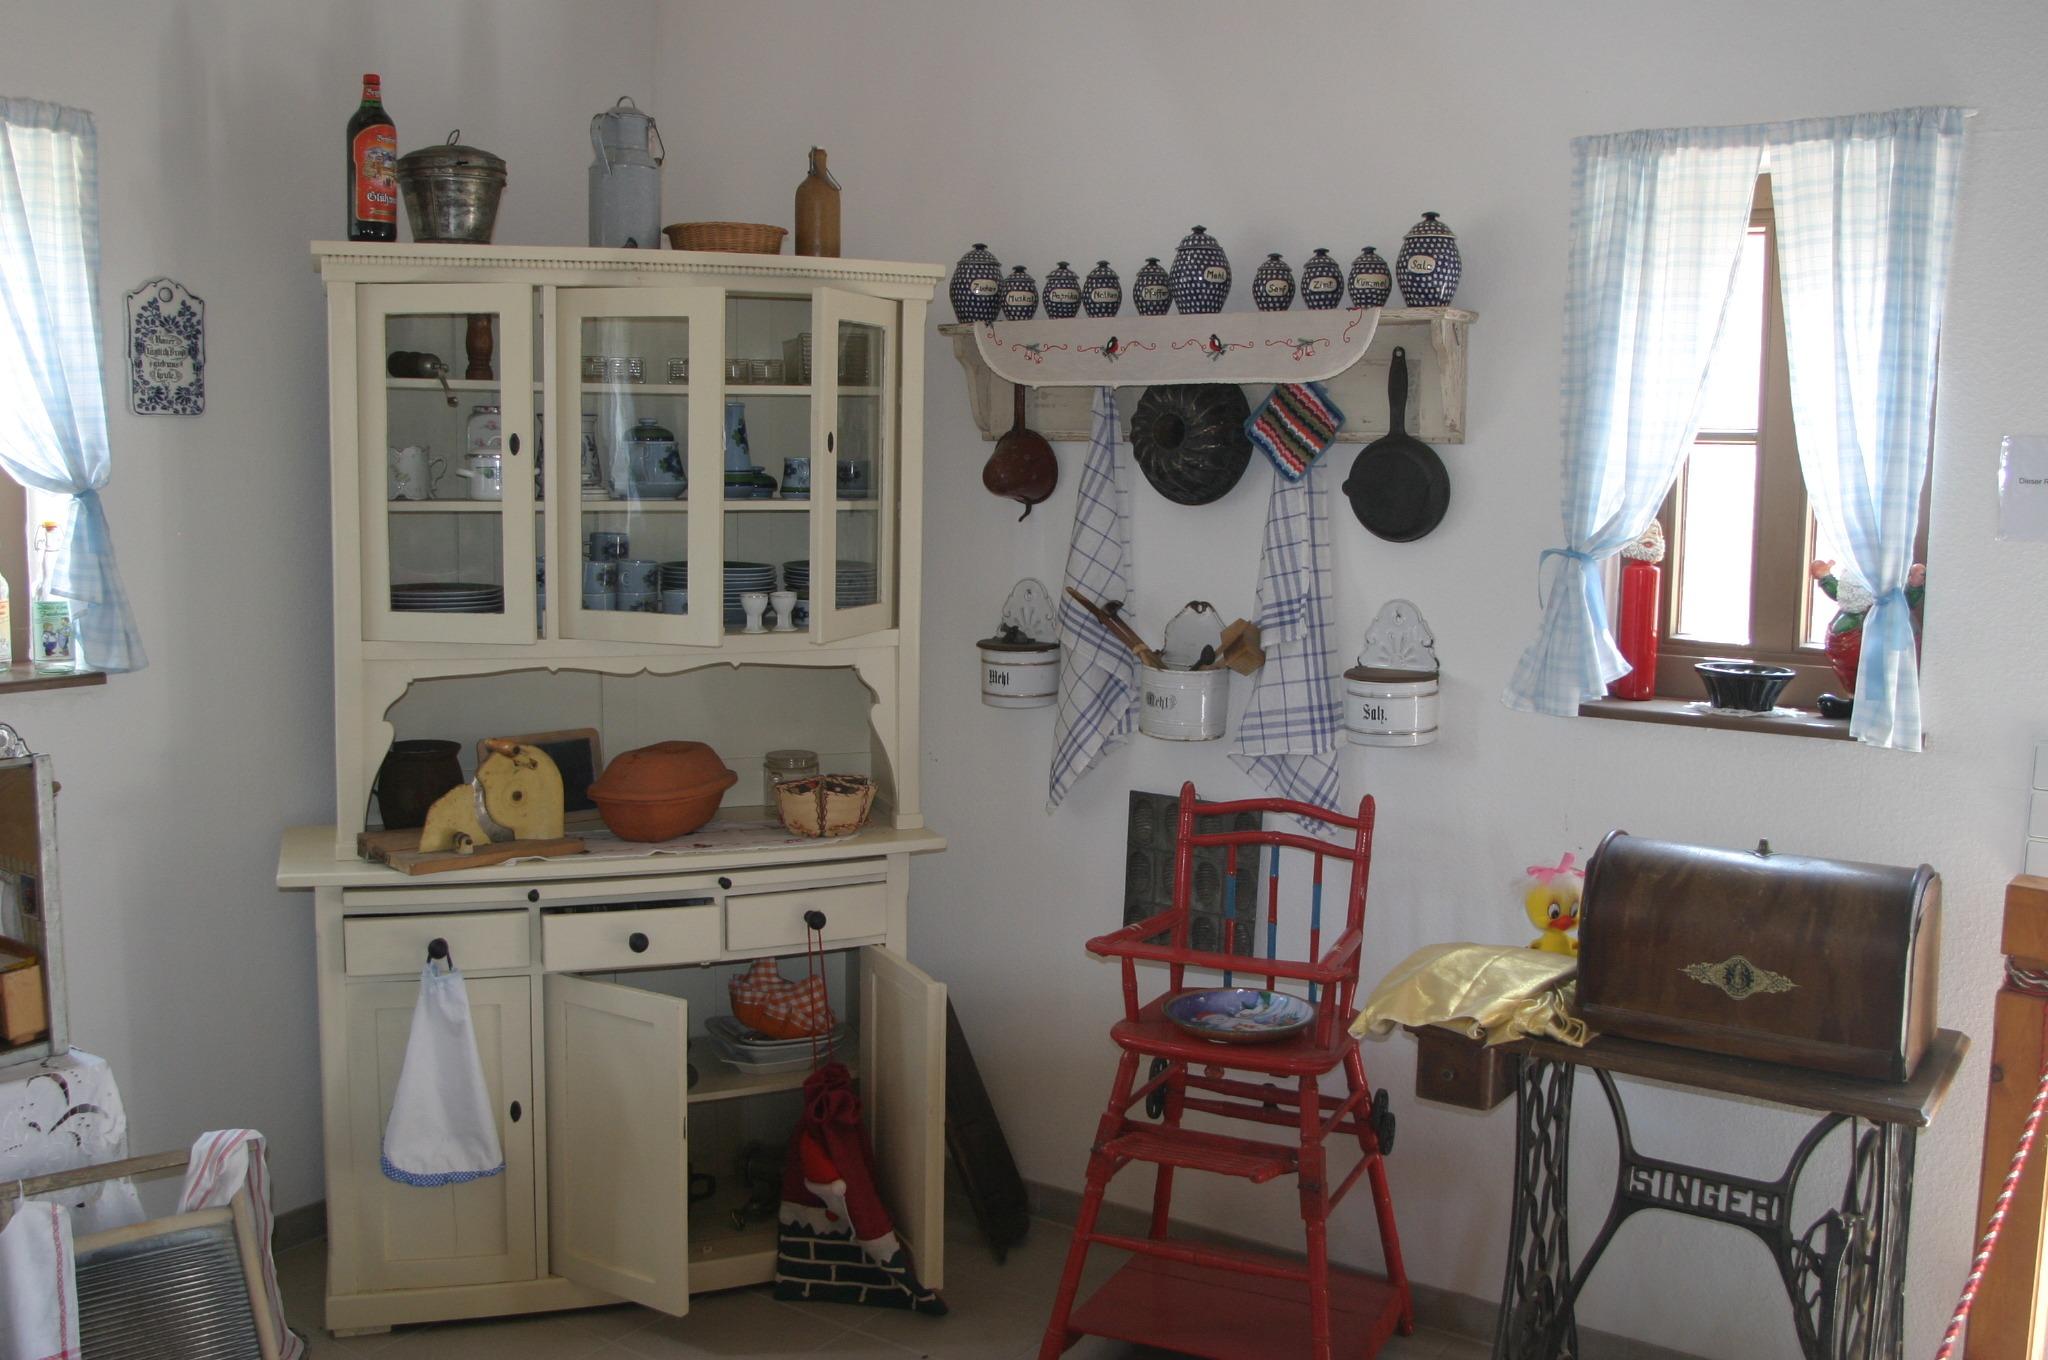 Gratis Afbeeldingen : huis-, huisje, keuken-, eigendom, woonkamer ...